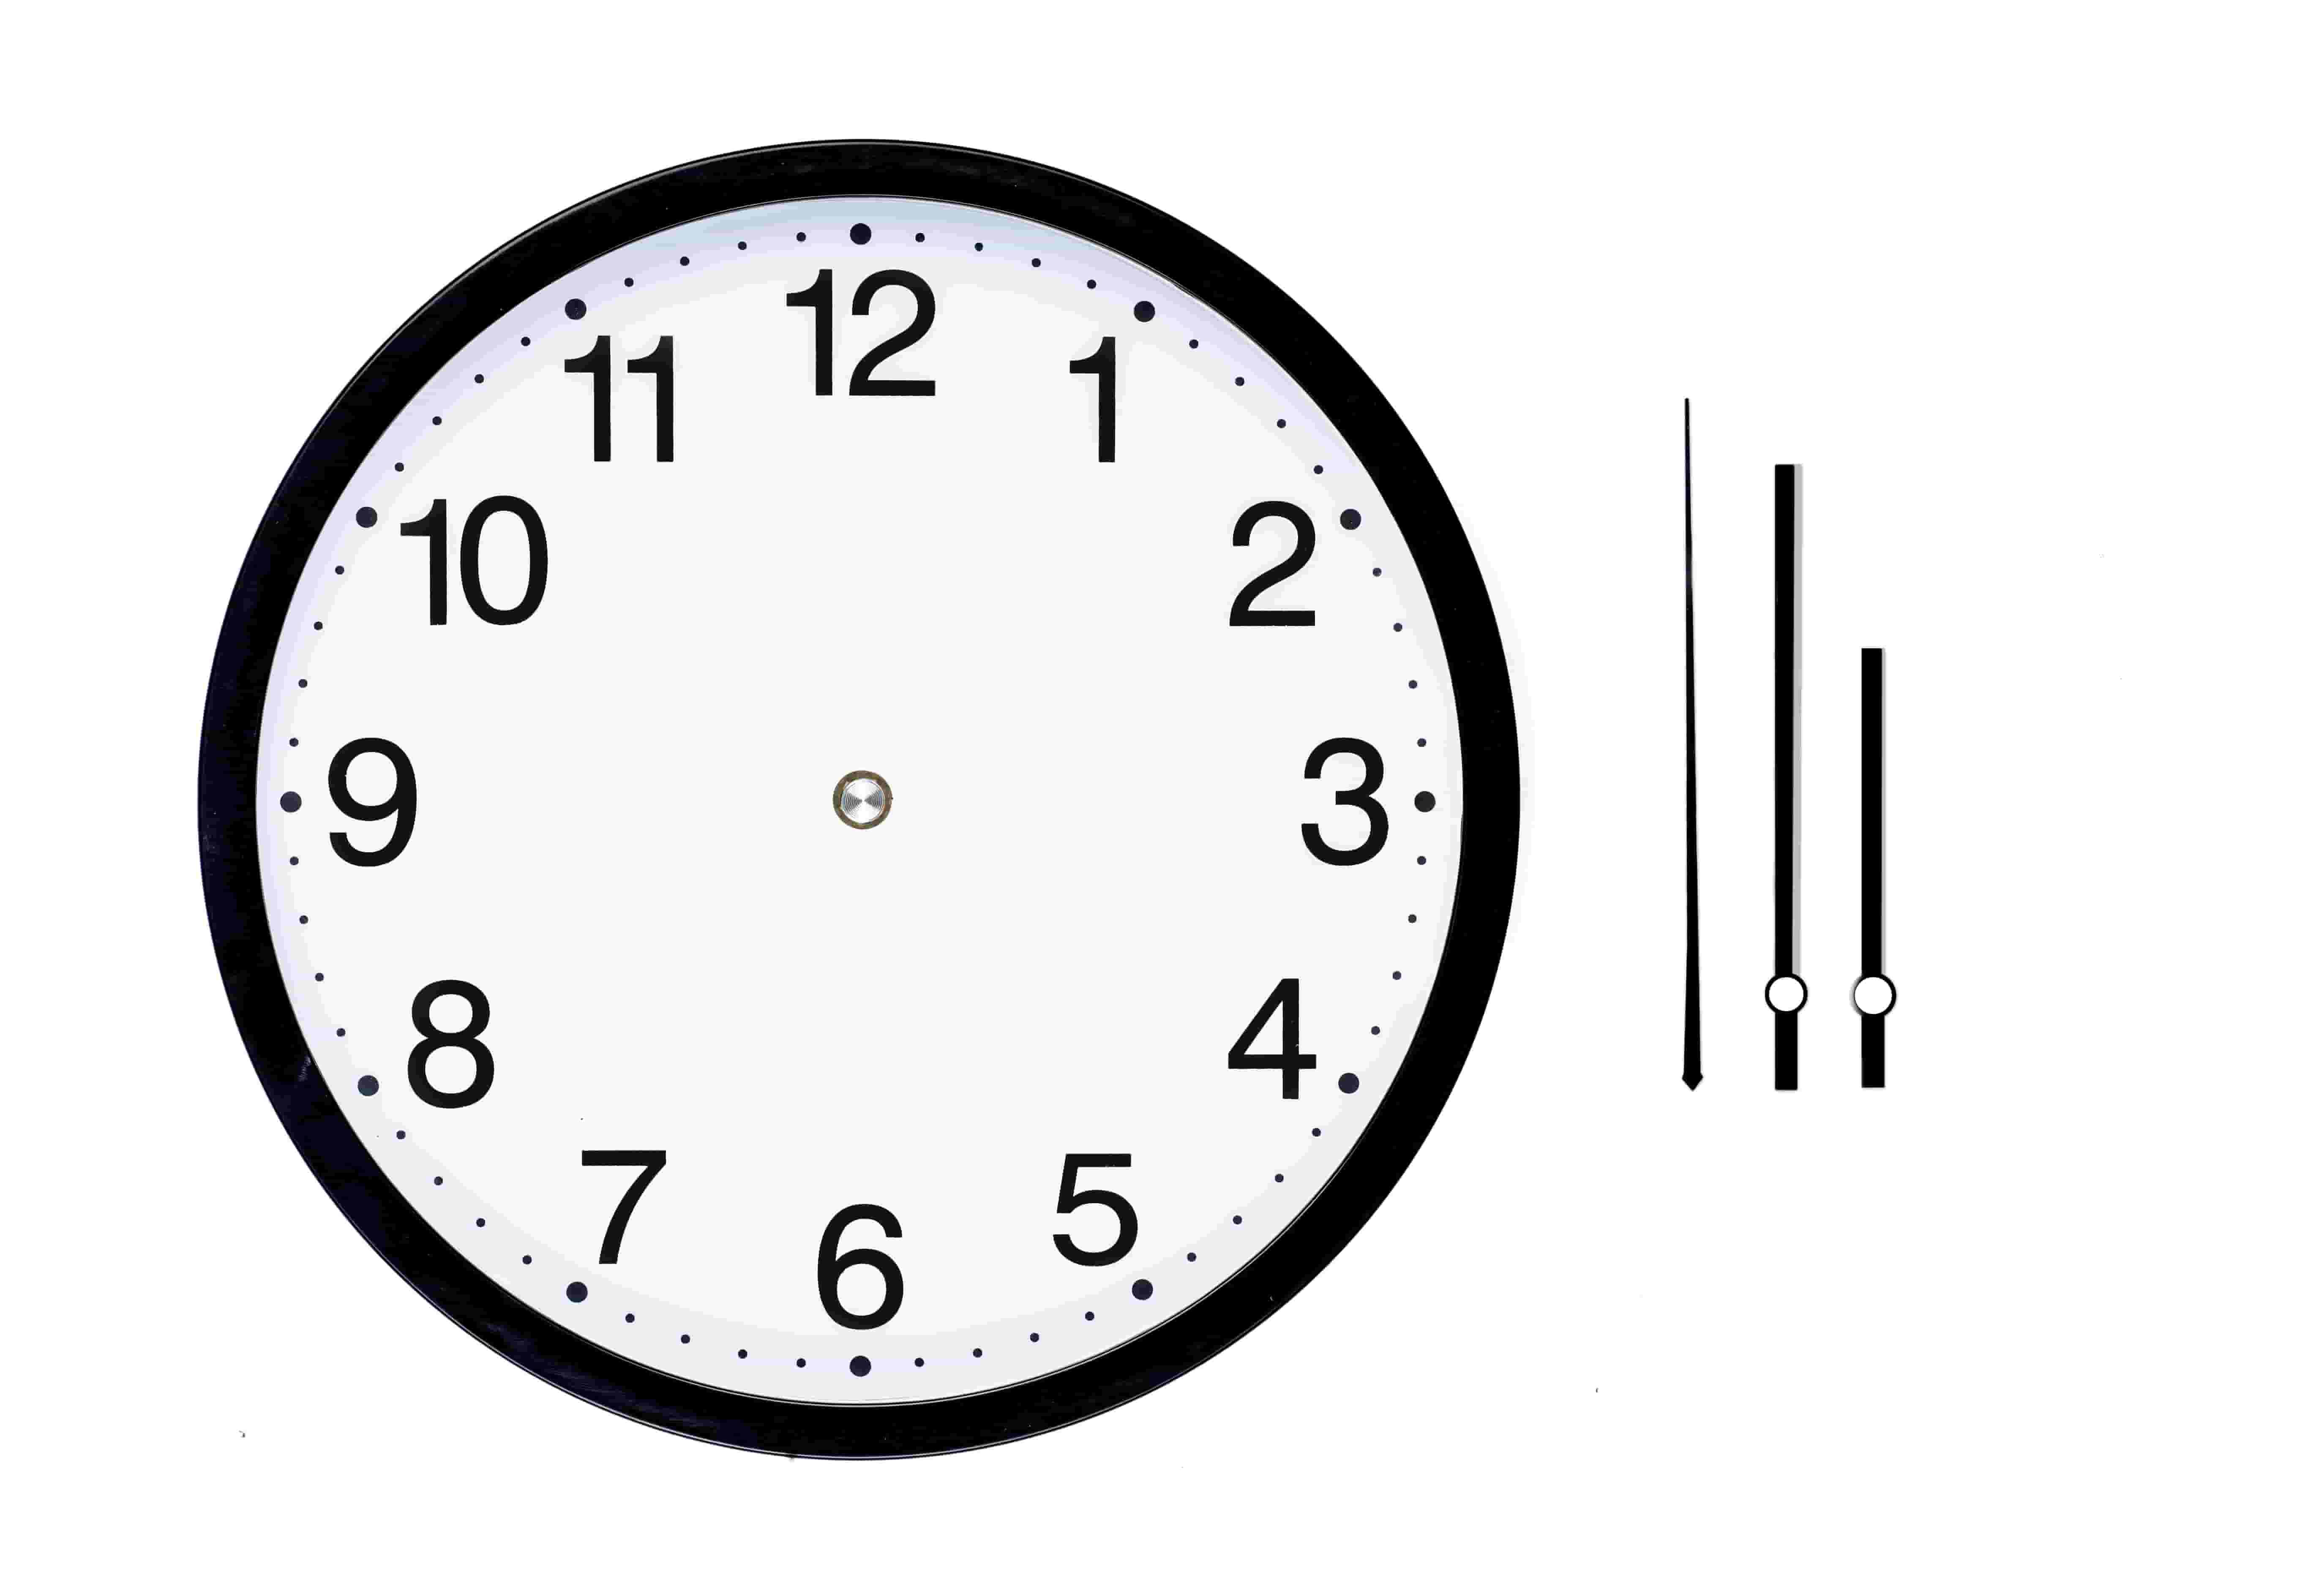 Acheter du temps ou des choses matérielles ?